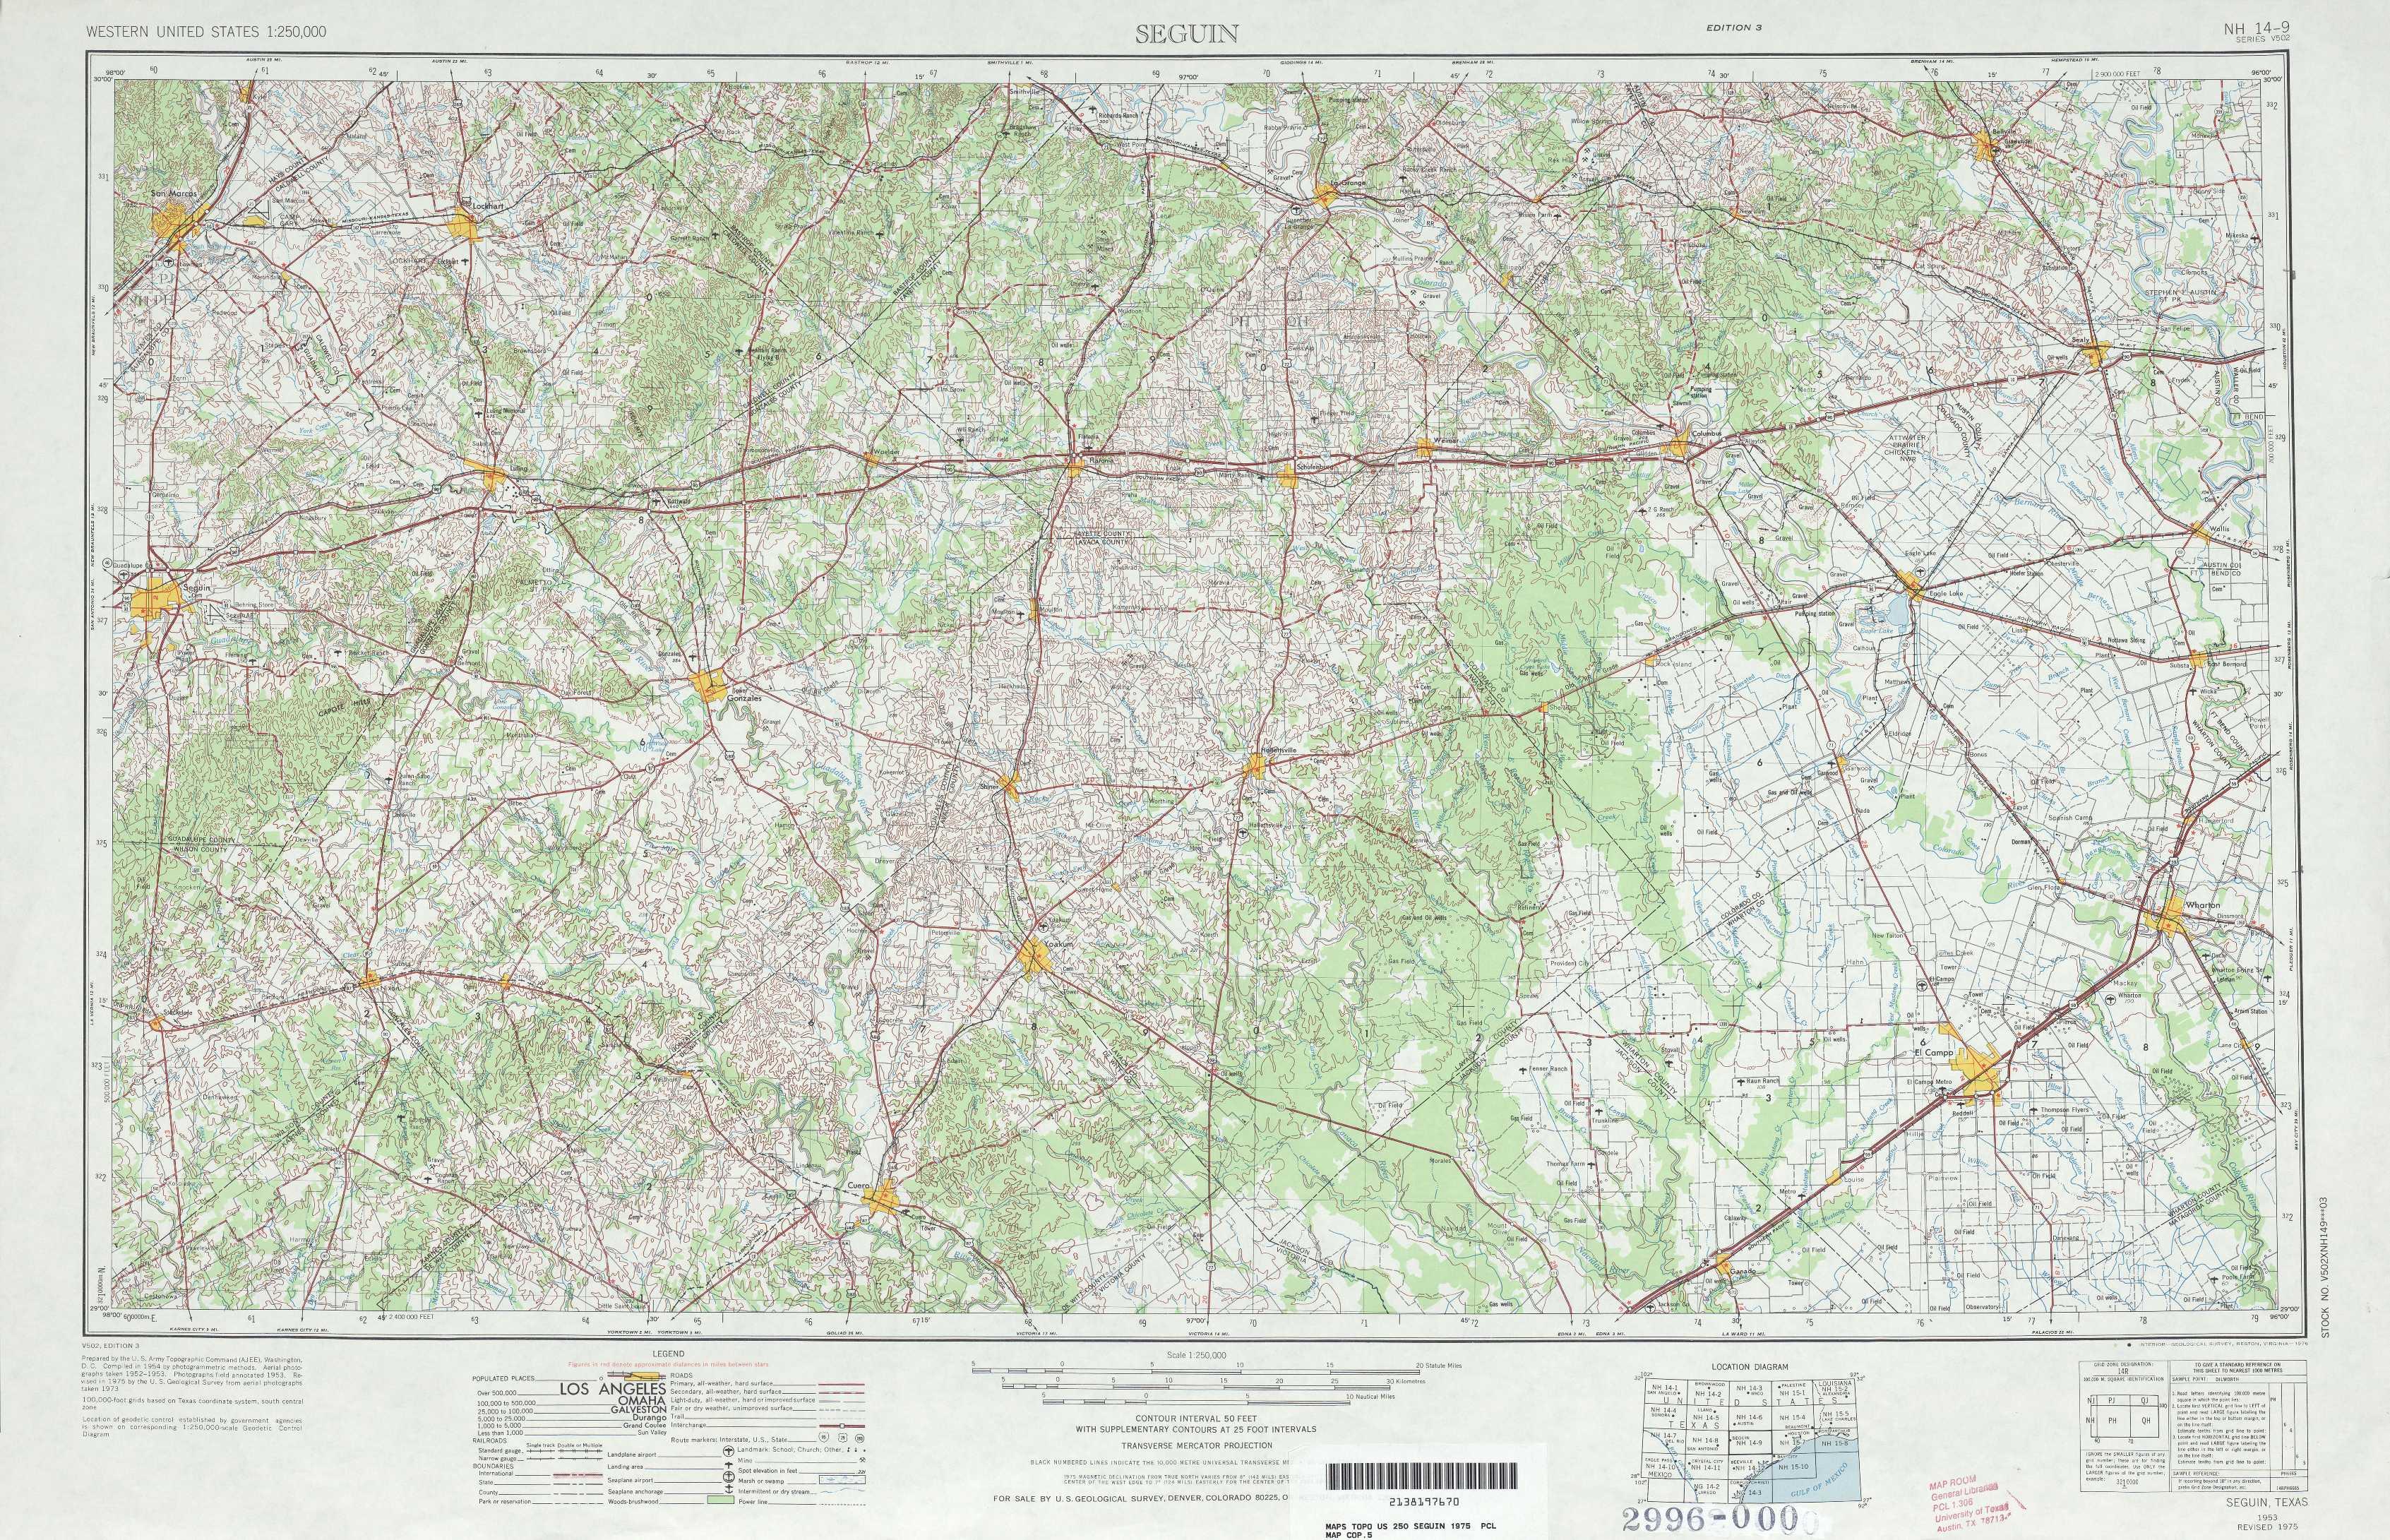 Seguin Topographic Maps, Tx - Usgs Topo Quad 29096A1 At 1:250,000 Scale - Seguin Texas Map